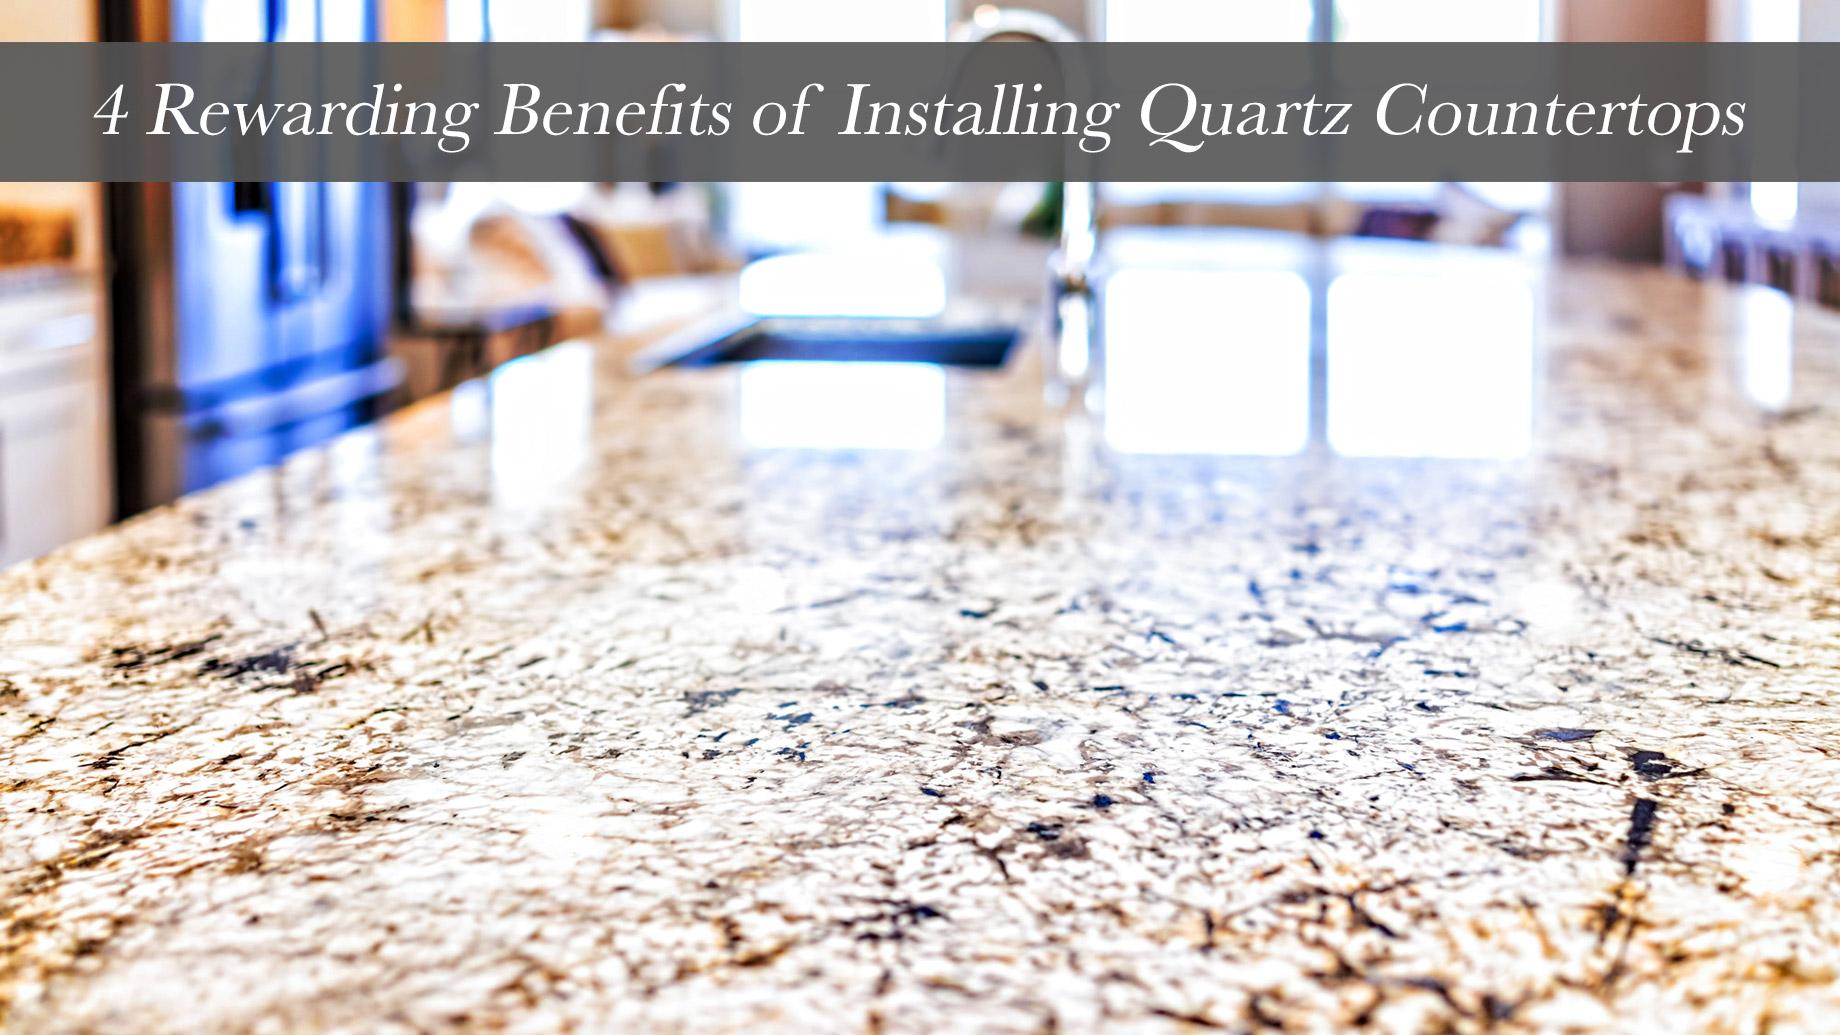 4 Rewarding Benefits of Installing Quartz Countertops